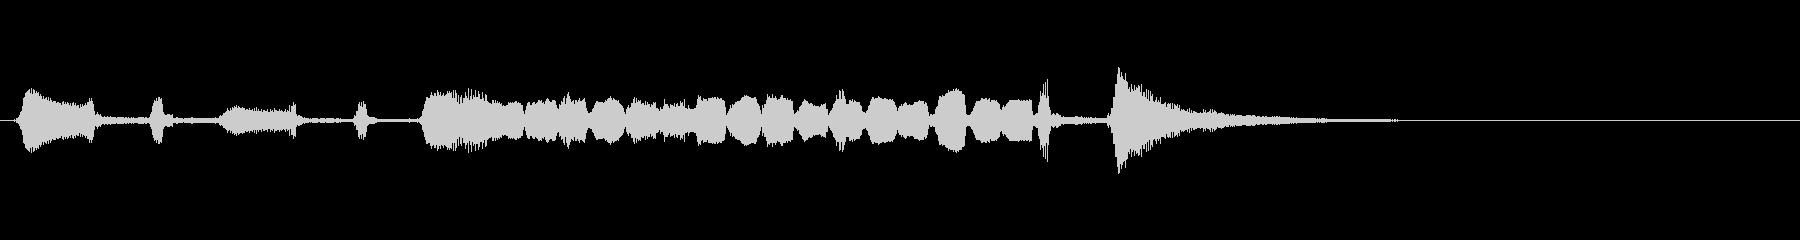 【生演奏】アコーディオンジングル17の未再生の波形